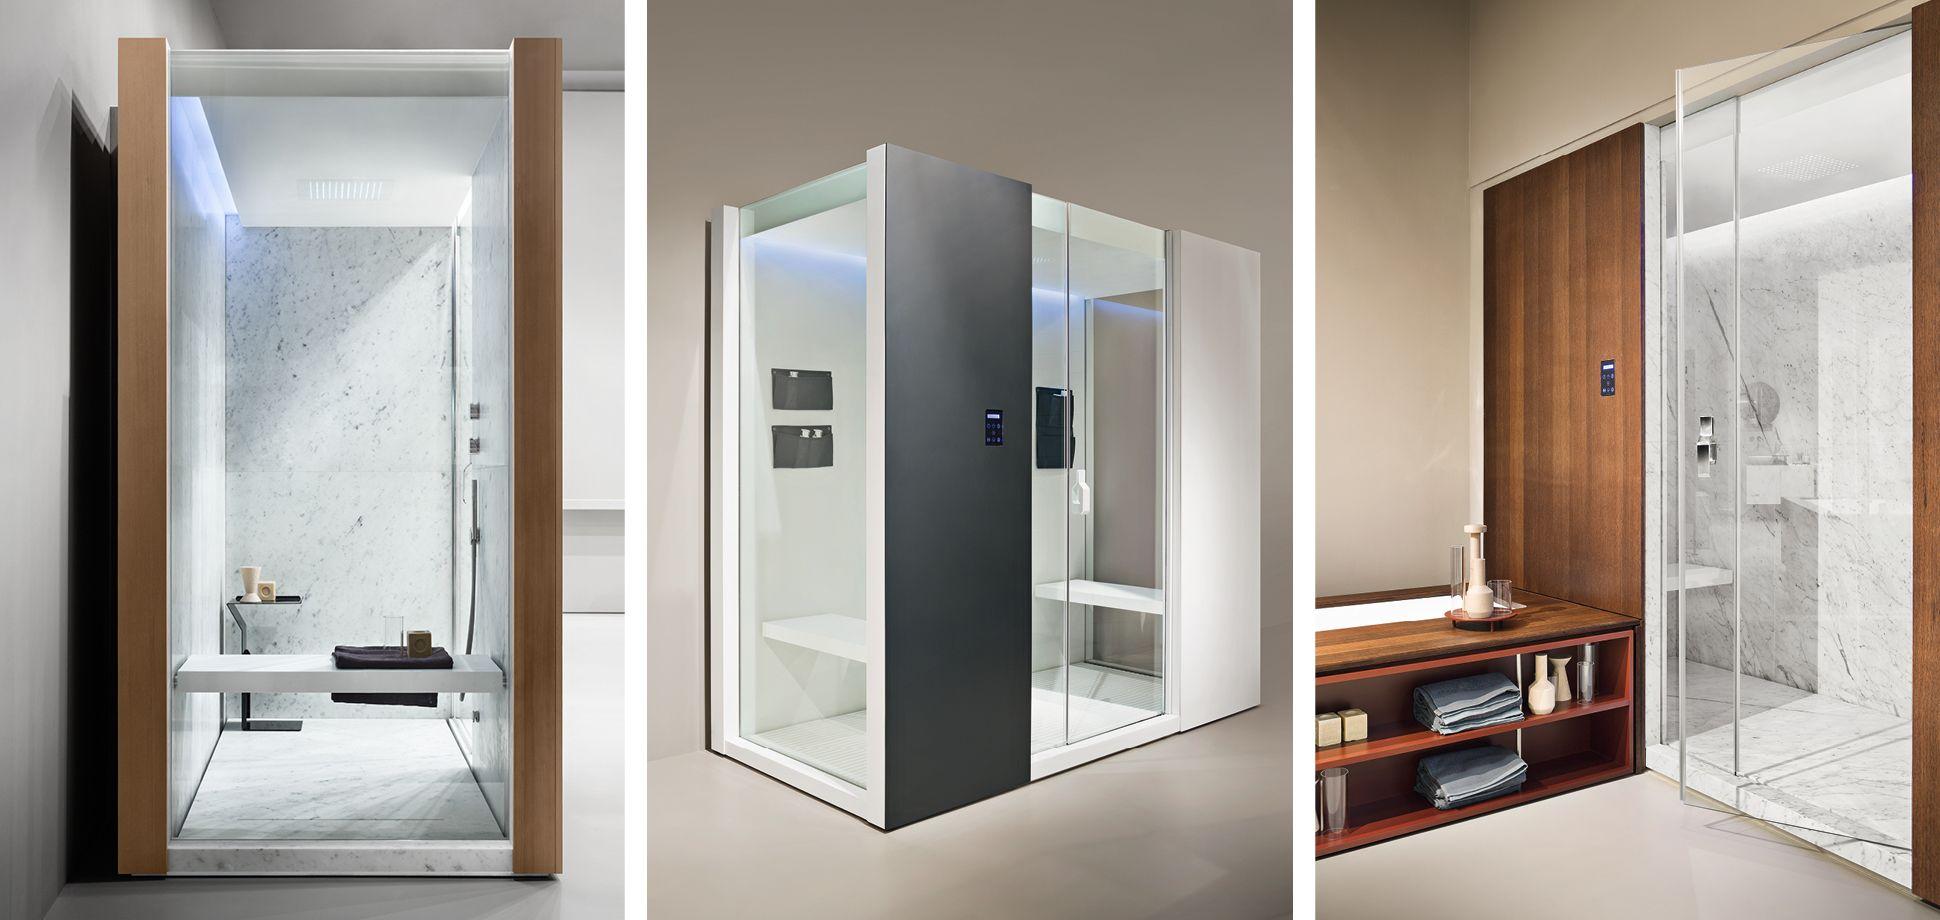 Idee doccia finest oltre fantastiche idee su finestra per doccia su pinterest in bagni moderni - Idee box doccia ...